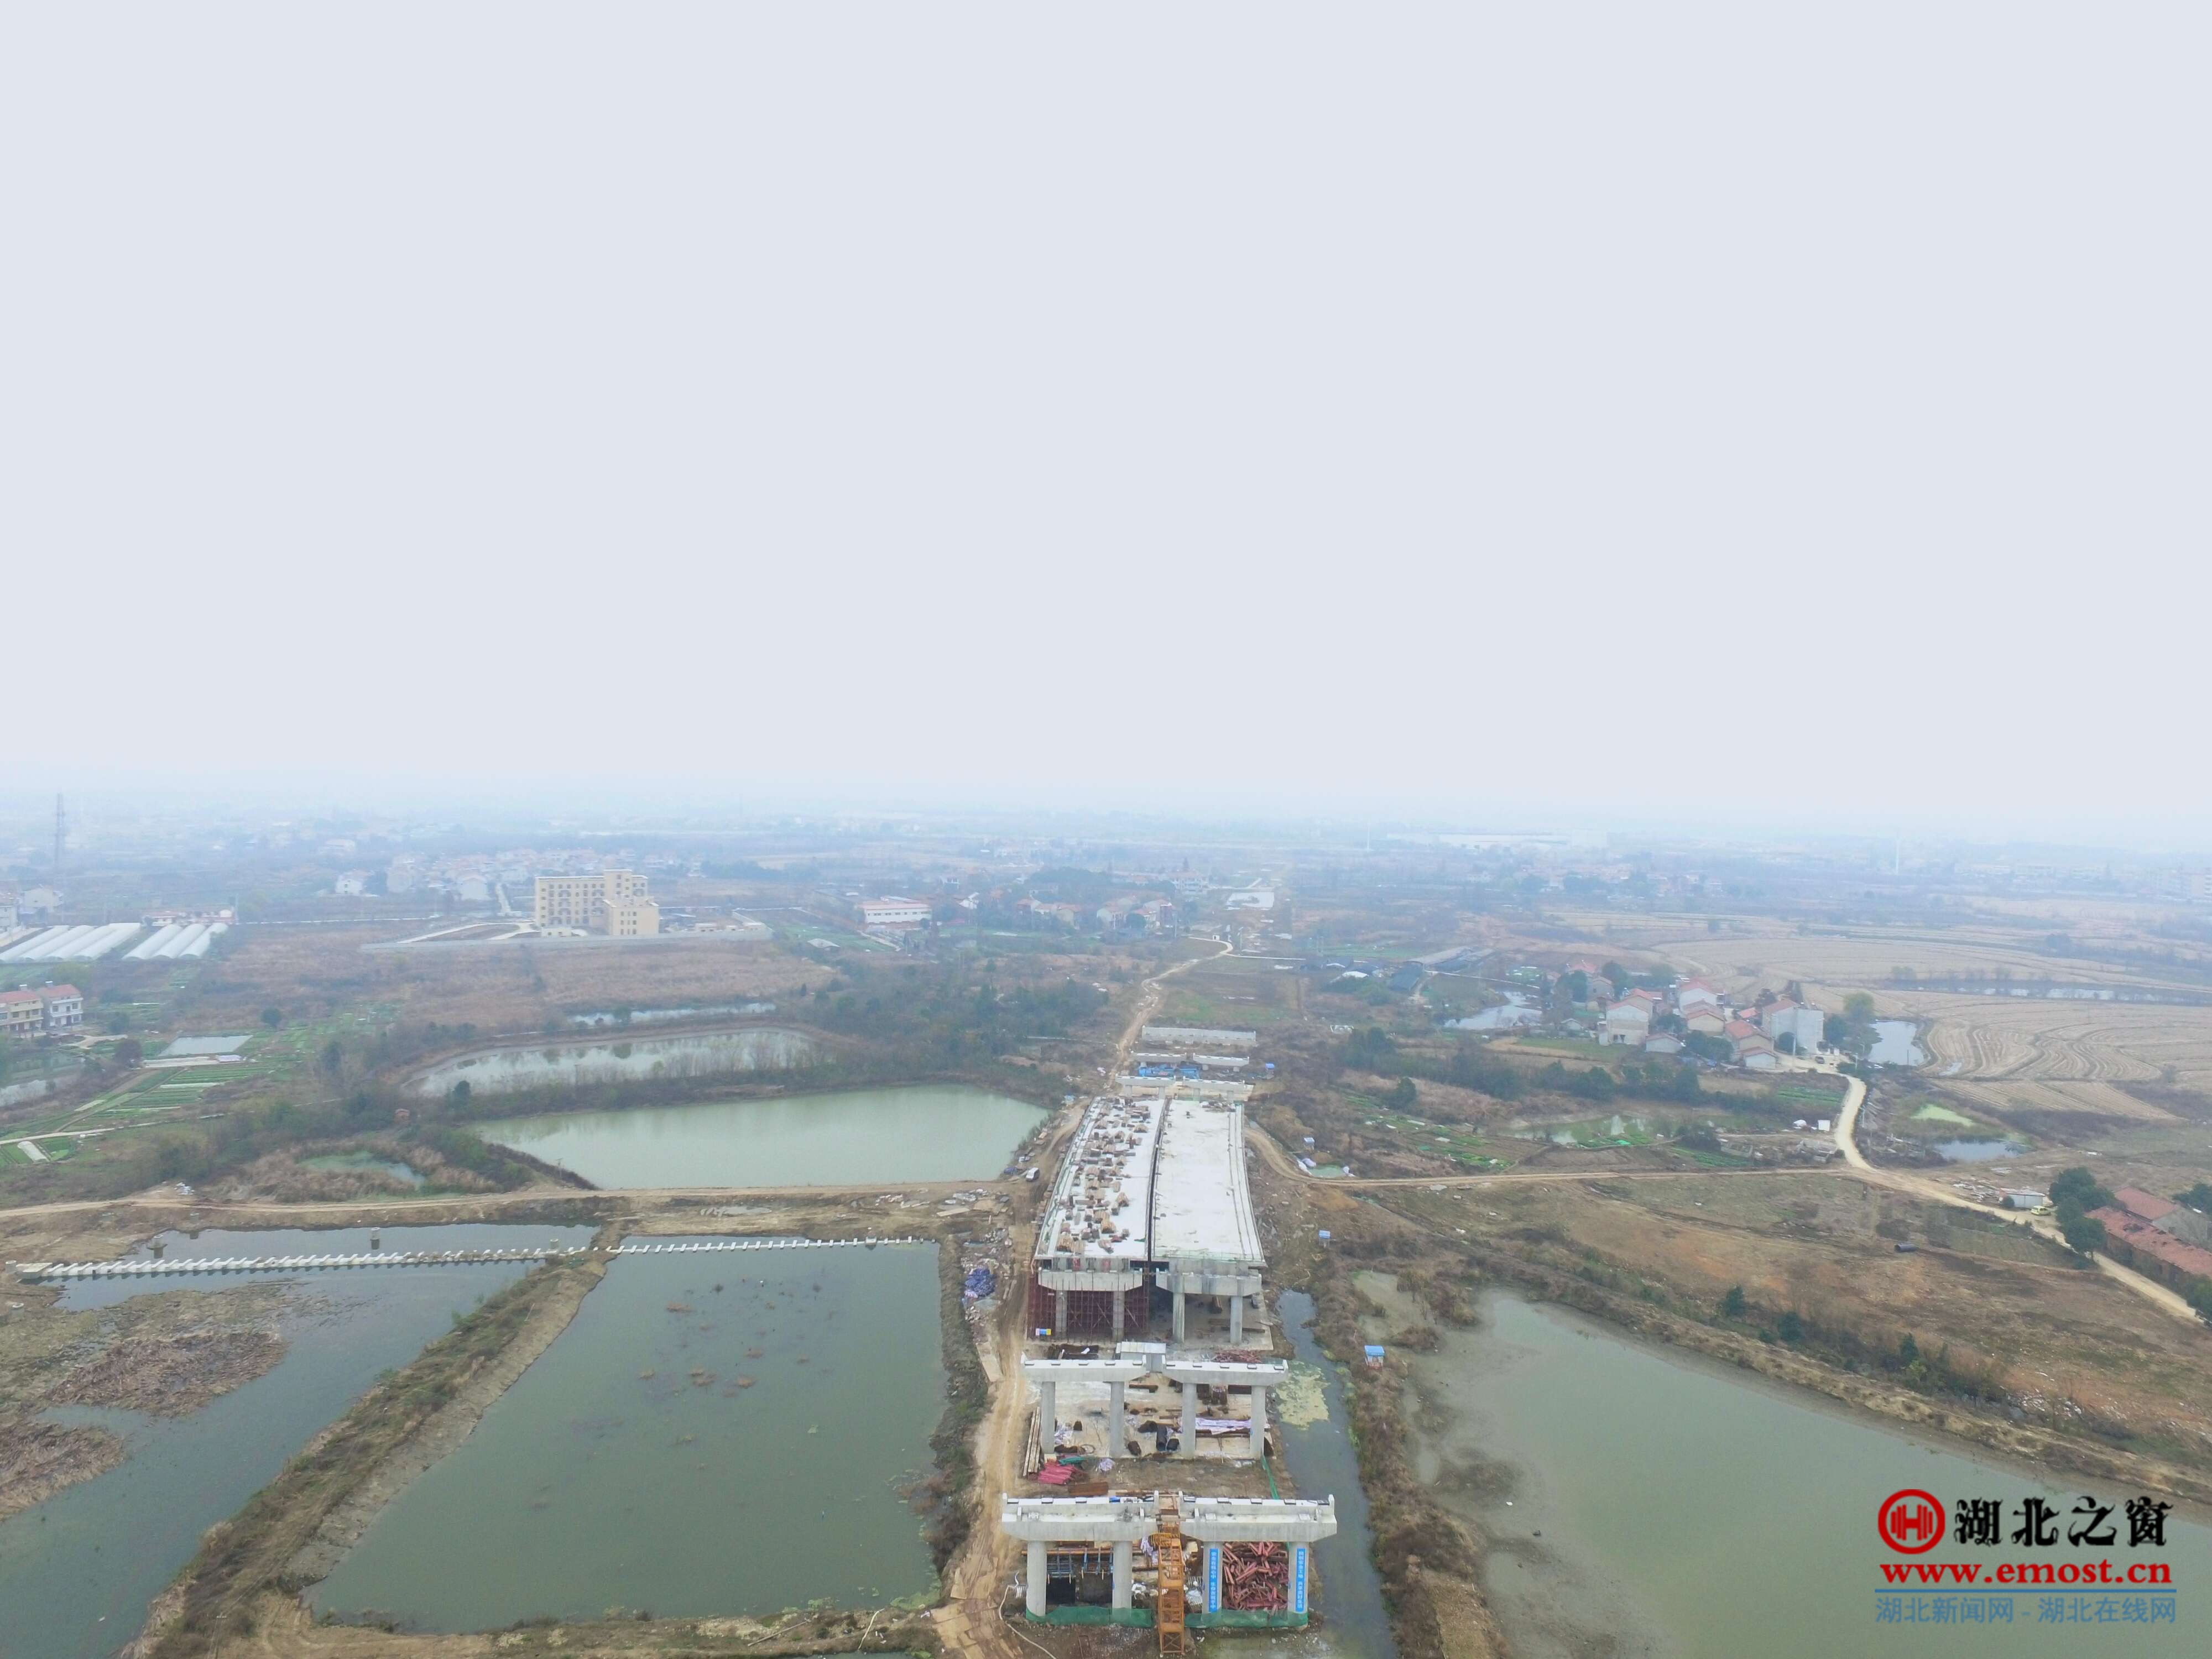 中建二局投资公司武汉黄陂项目四联垸大桥支架现浇连续箱梁全部浇筑完成